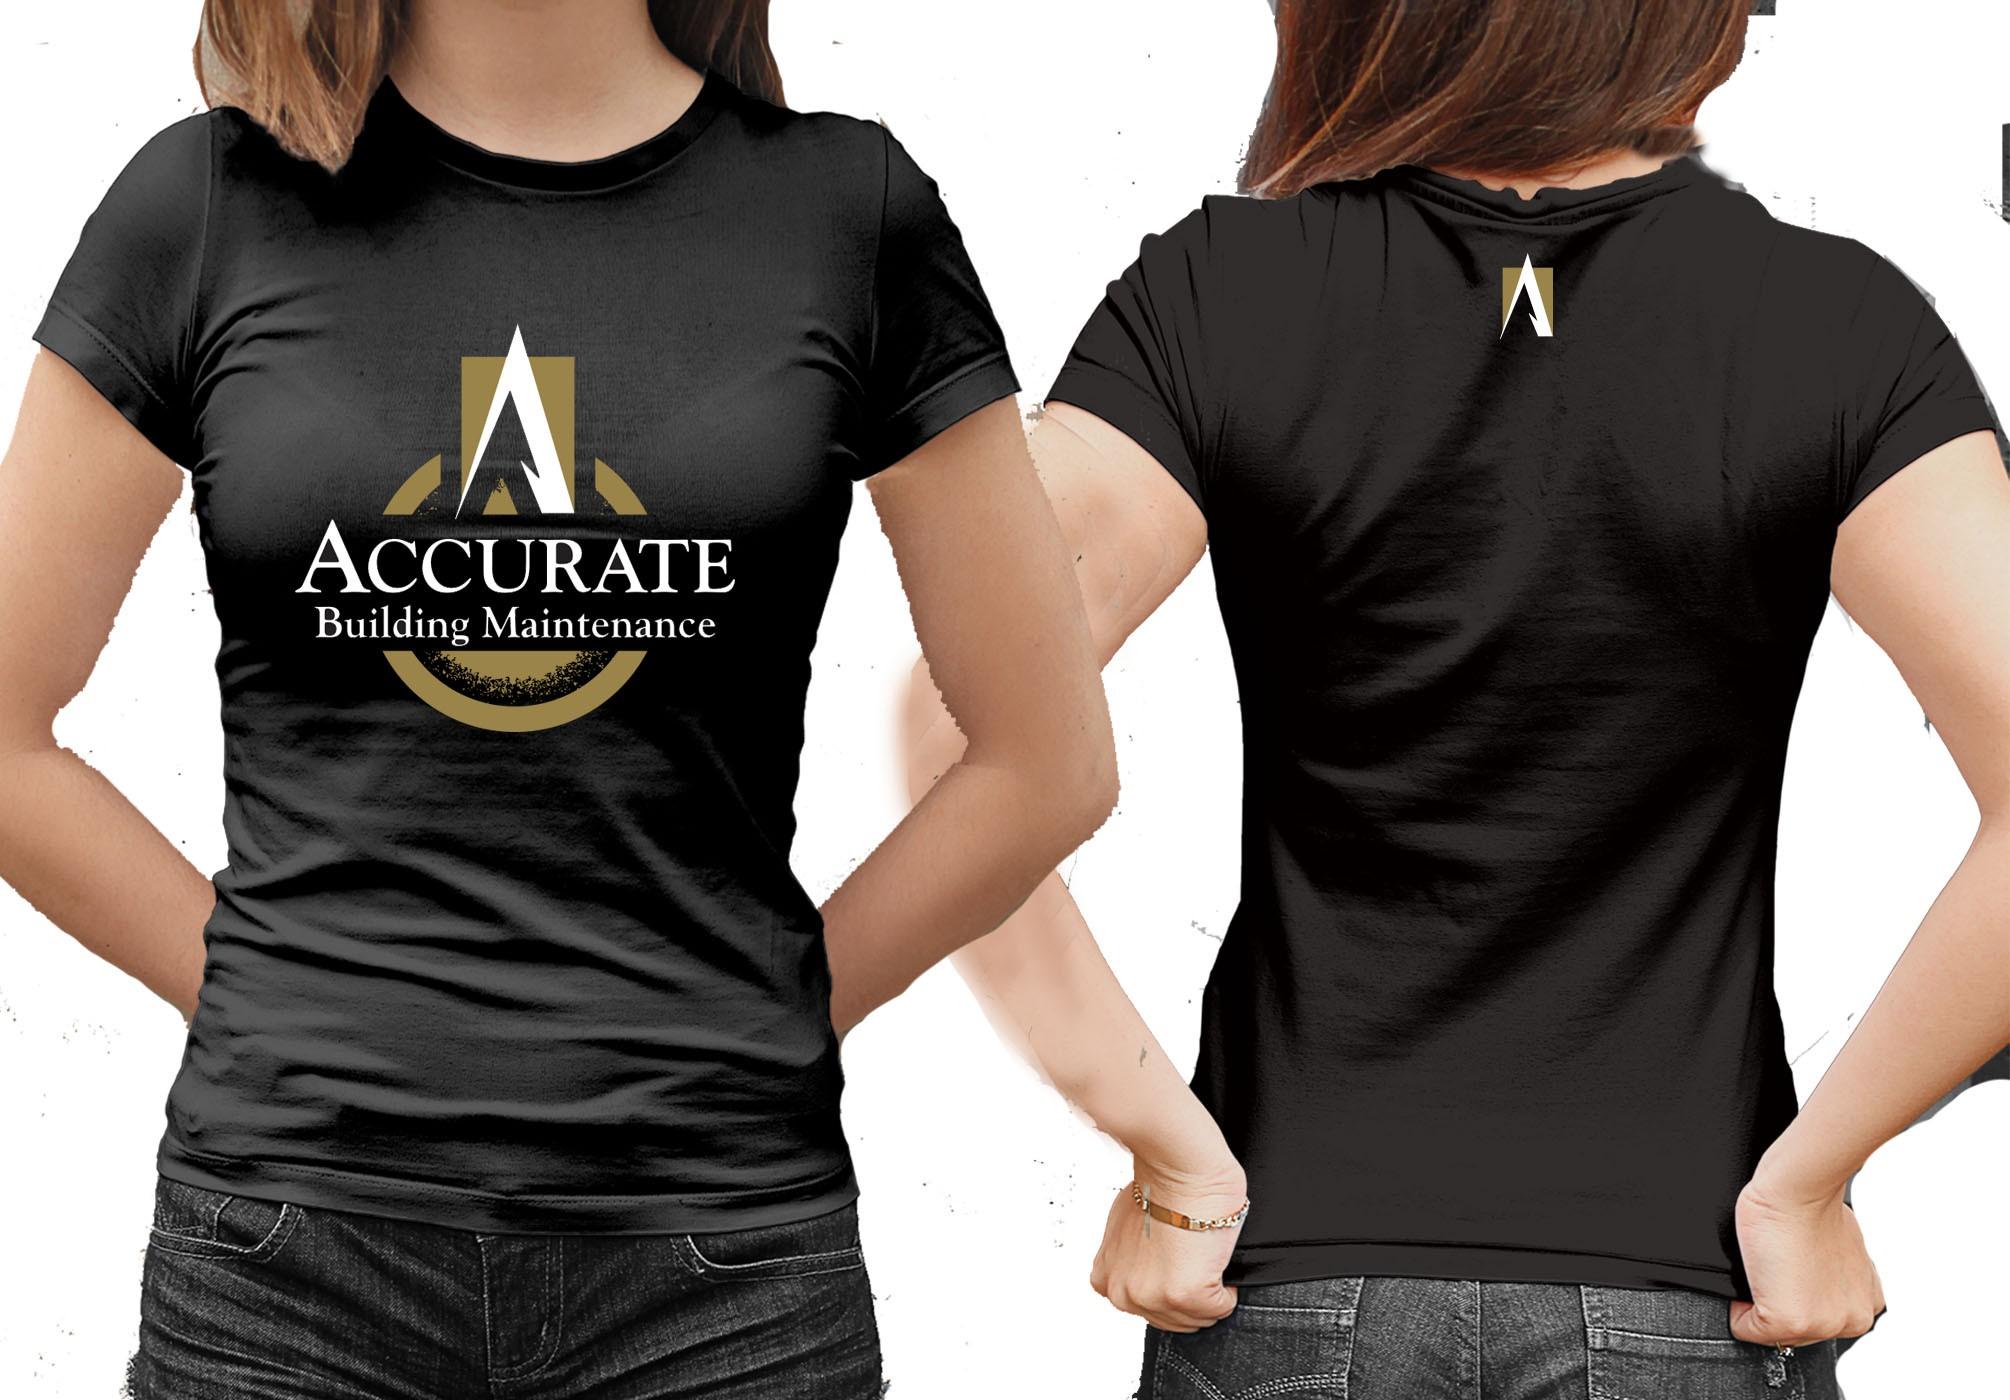 Fun company apparel design